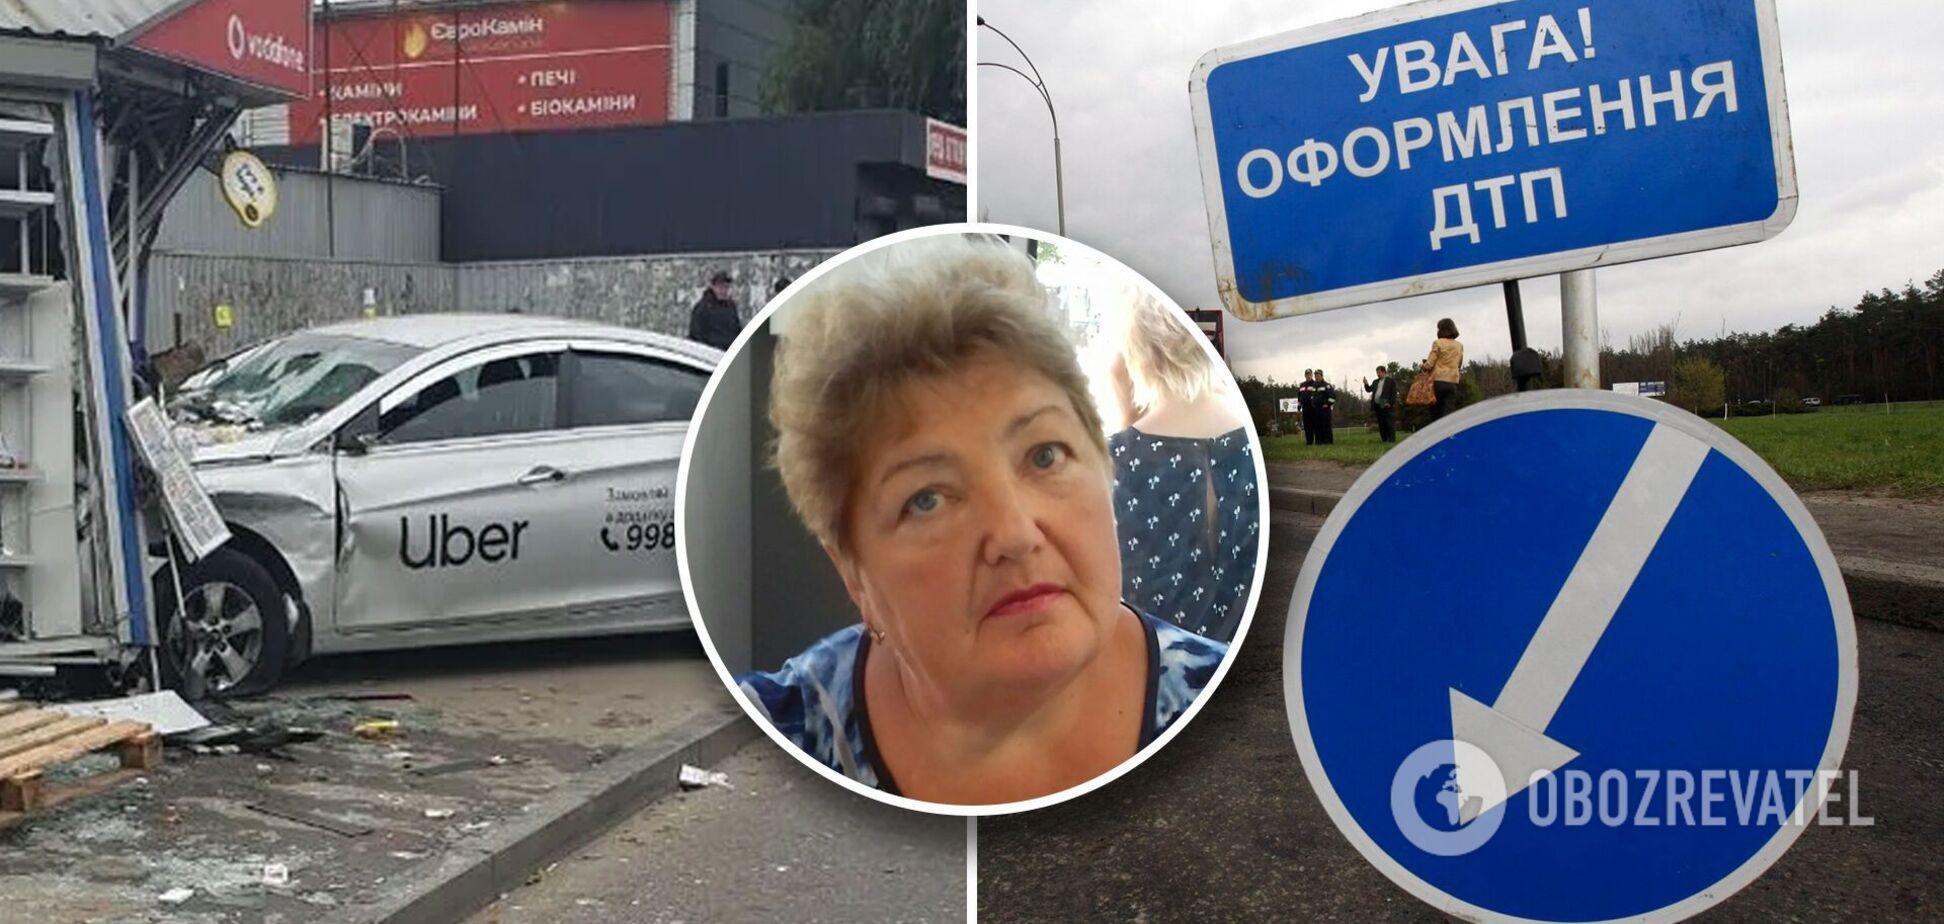 В ДТП на окружной погибла Антонина Тесленко